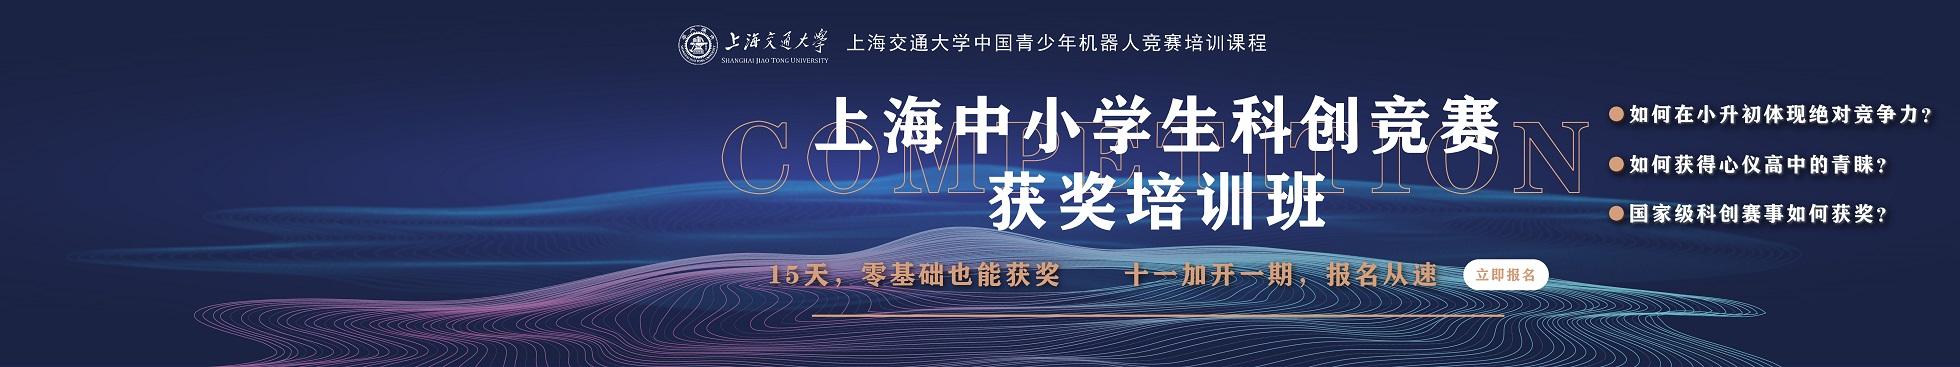 上海培訓機構